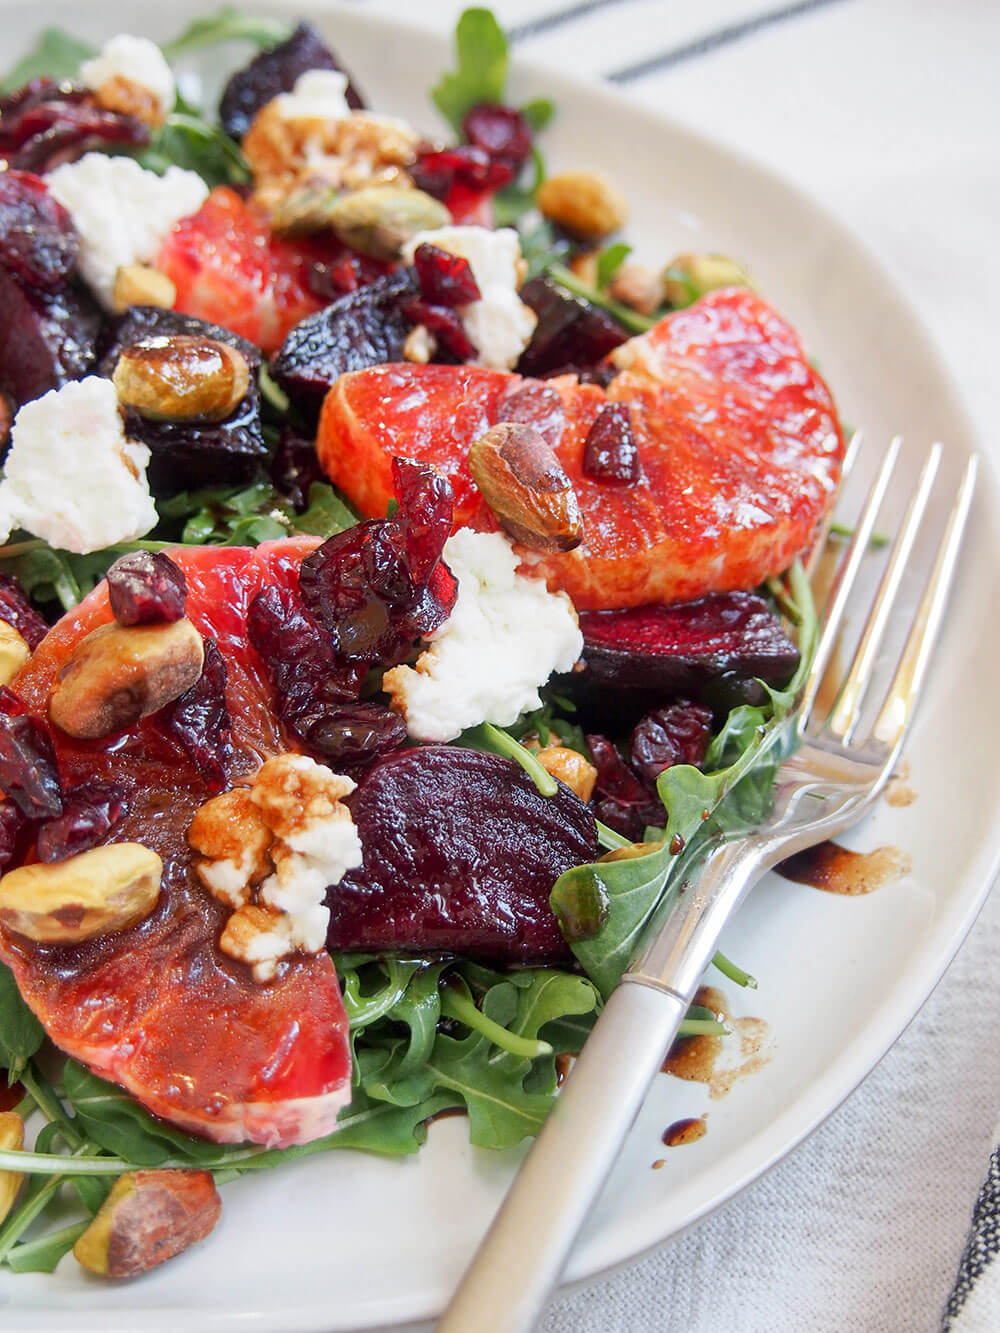 Beet and blood orange salad